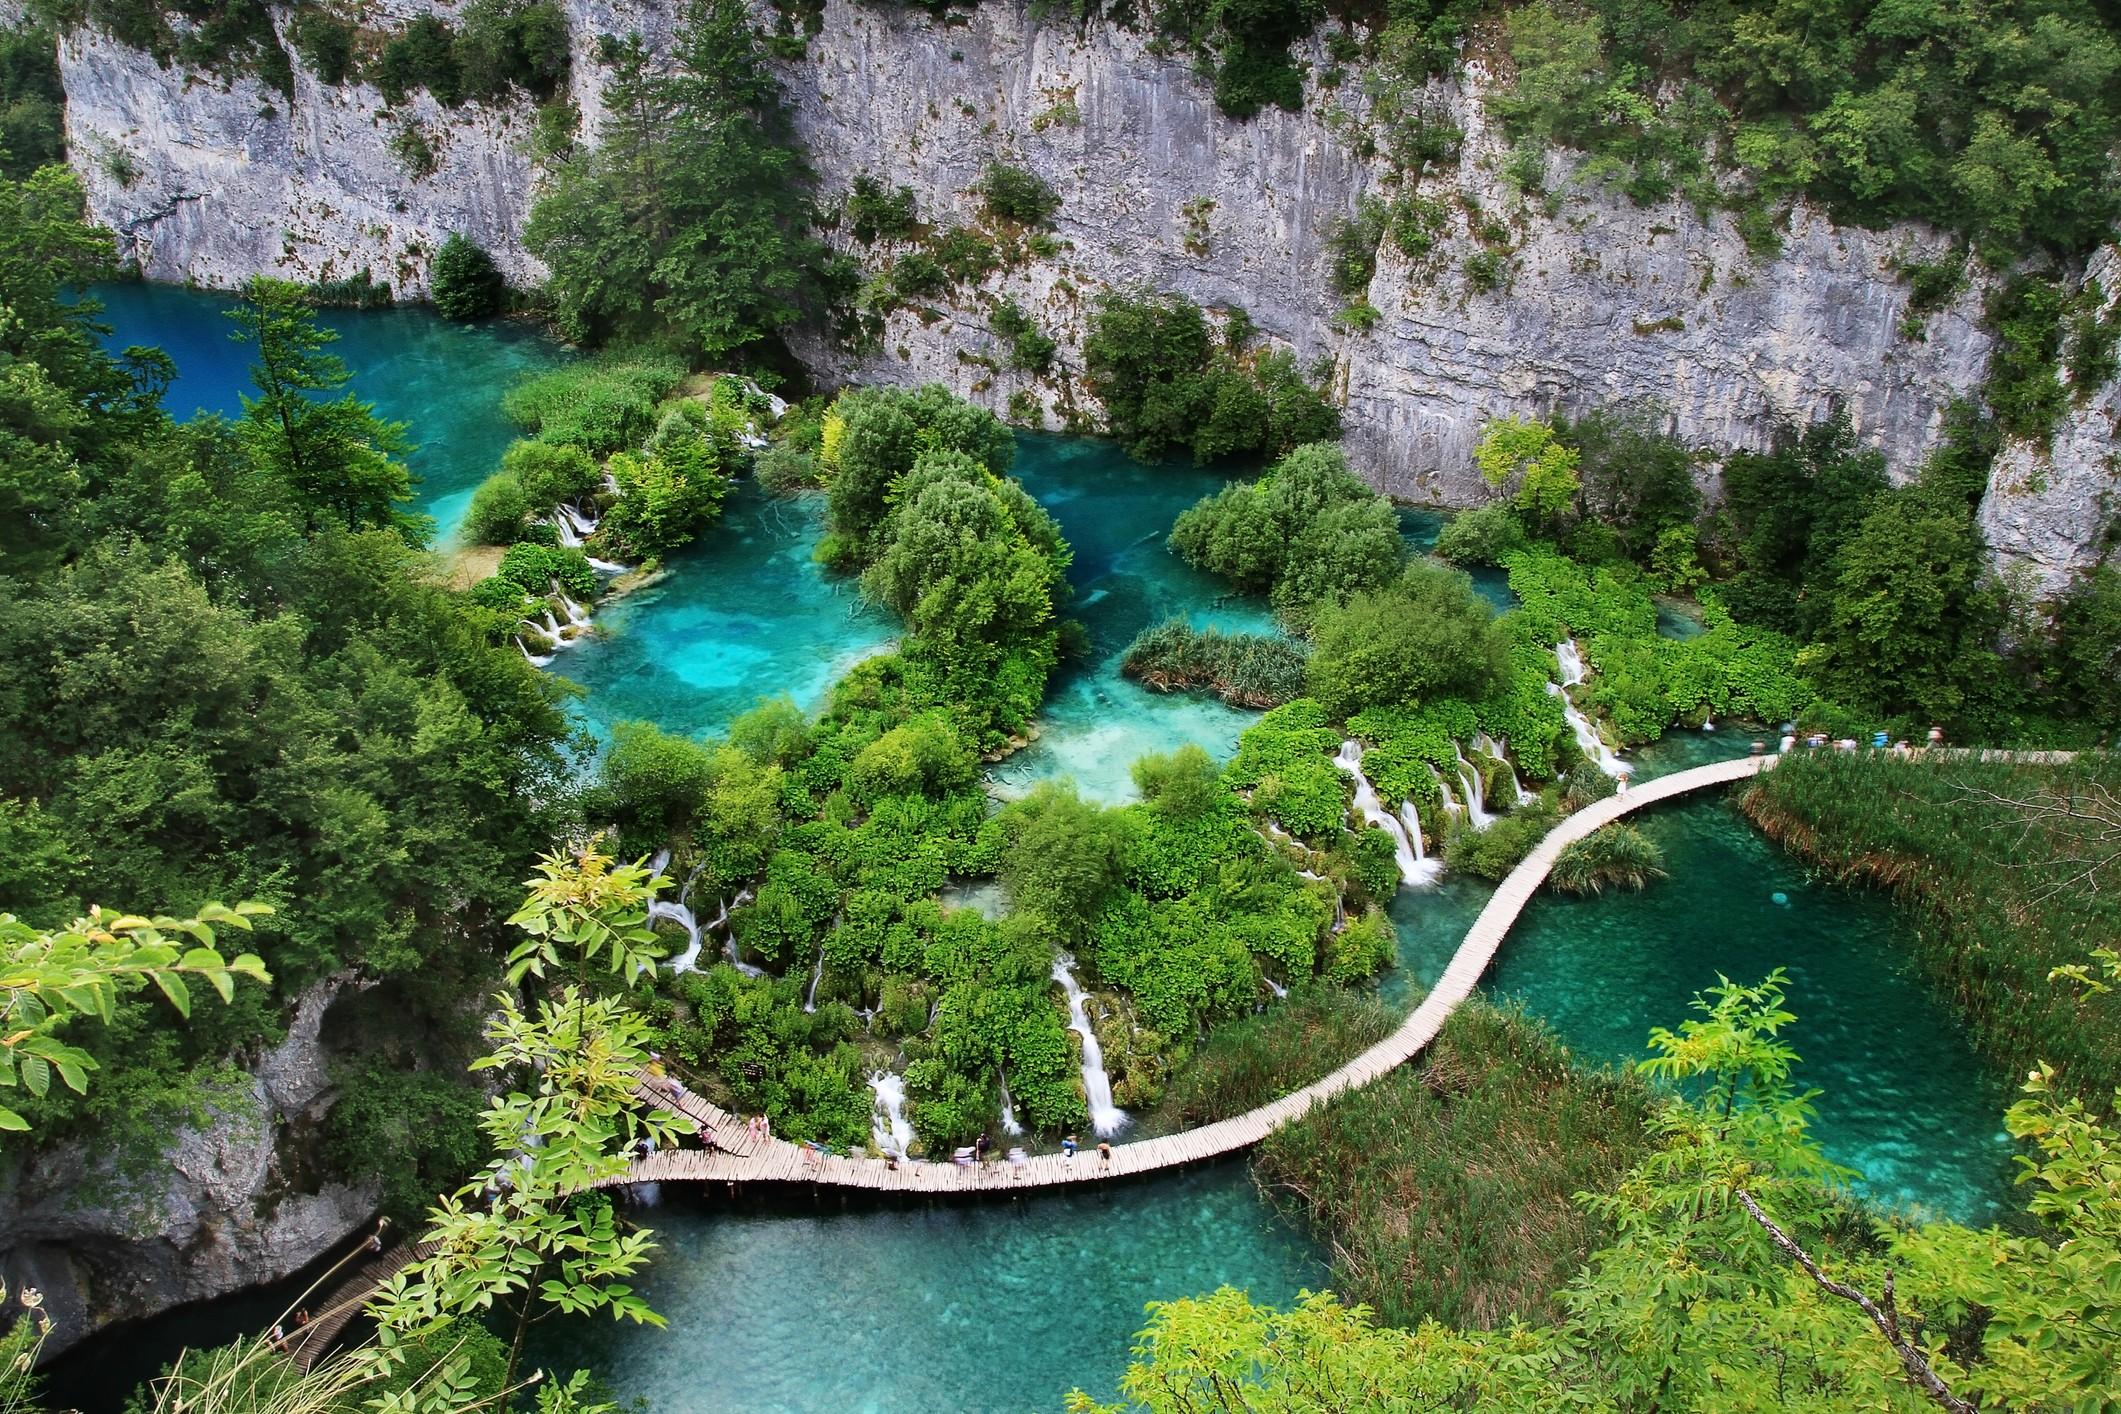 O lago Plitvice, na Croácia (Foto: Divulgação)